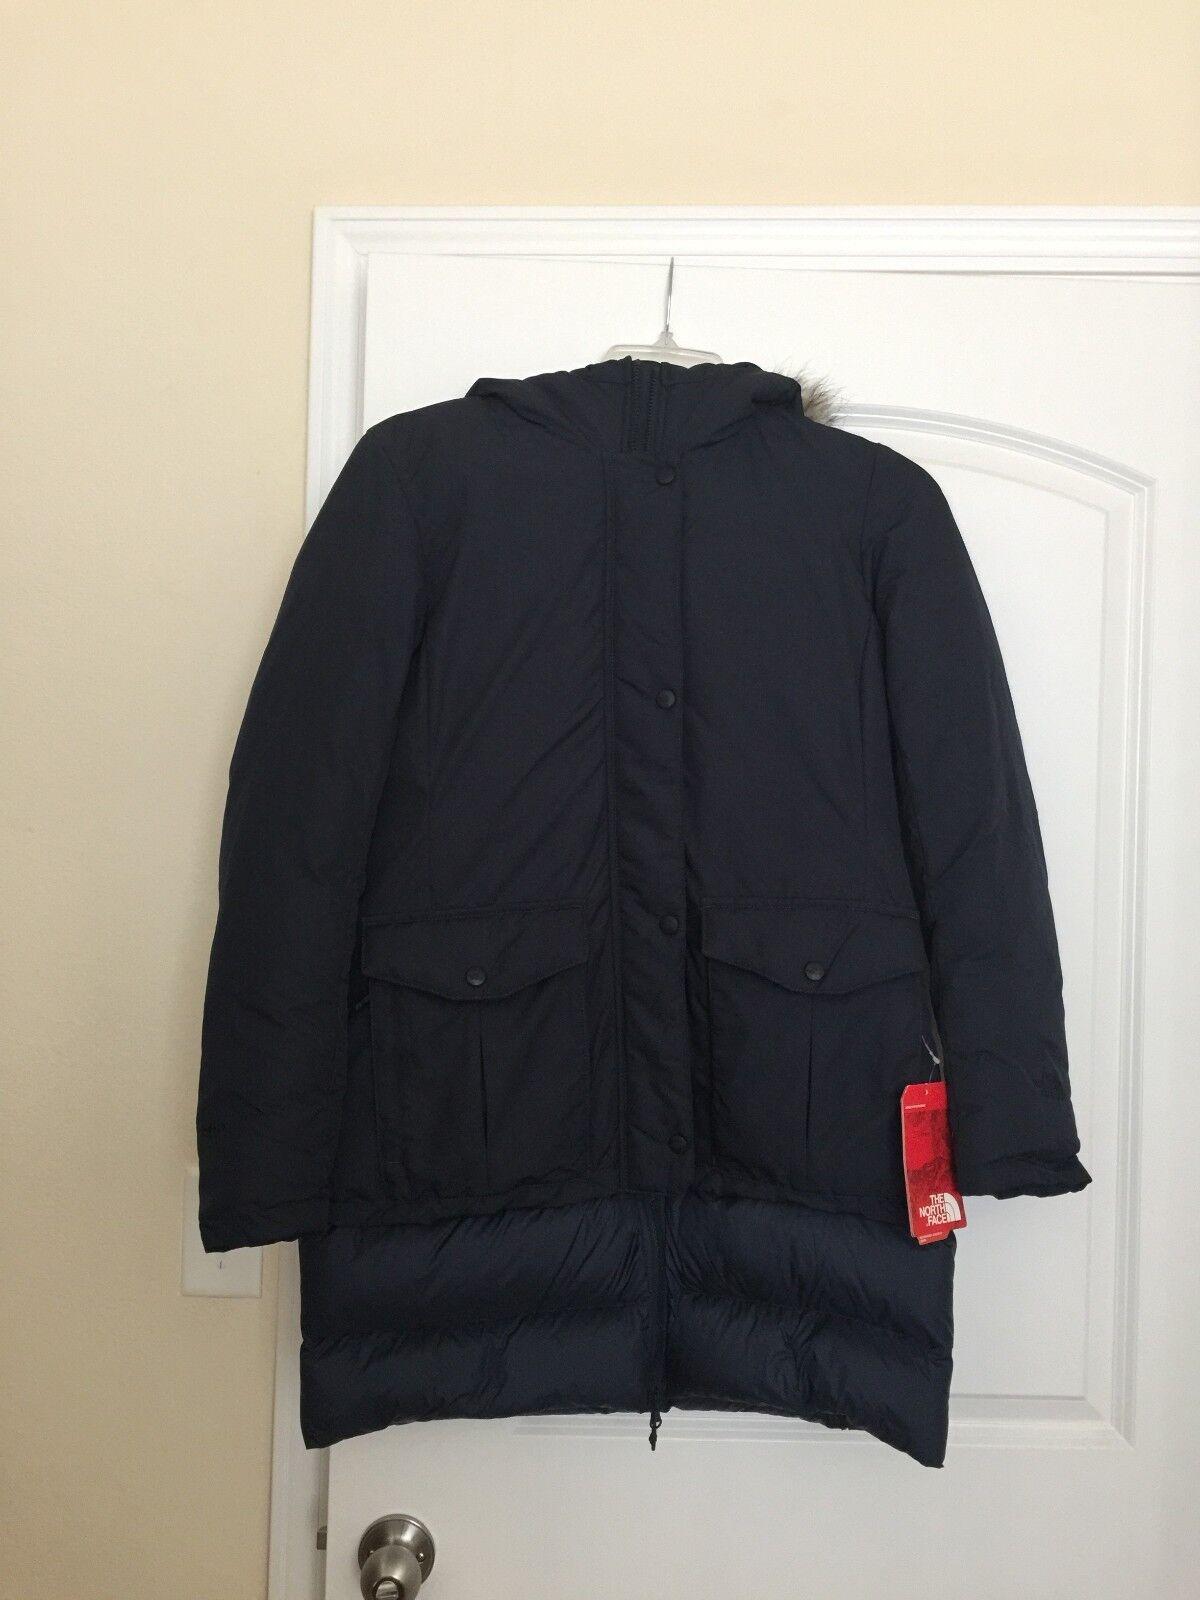 (TG. M) Uomo, Lyle & Scott Garment Dye Sweatshirt, Felpa Uomo, M) Rosso (q9G) e20db9